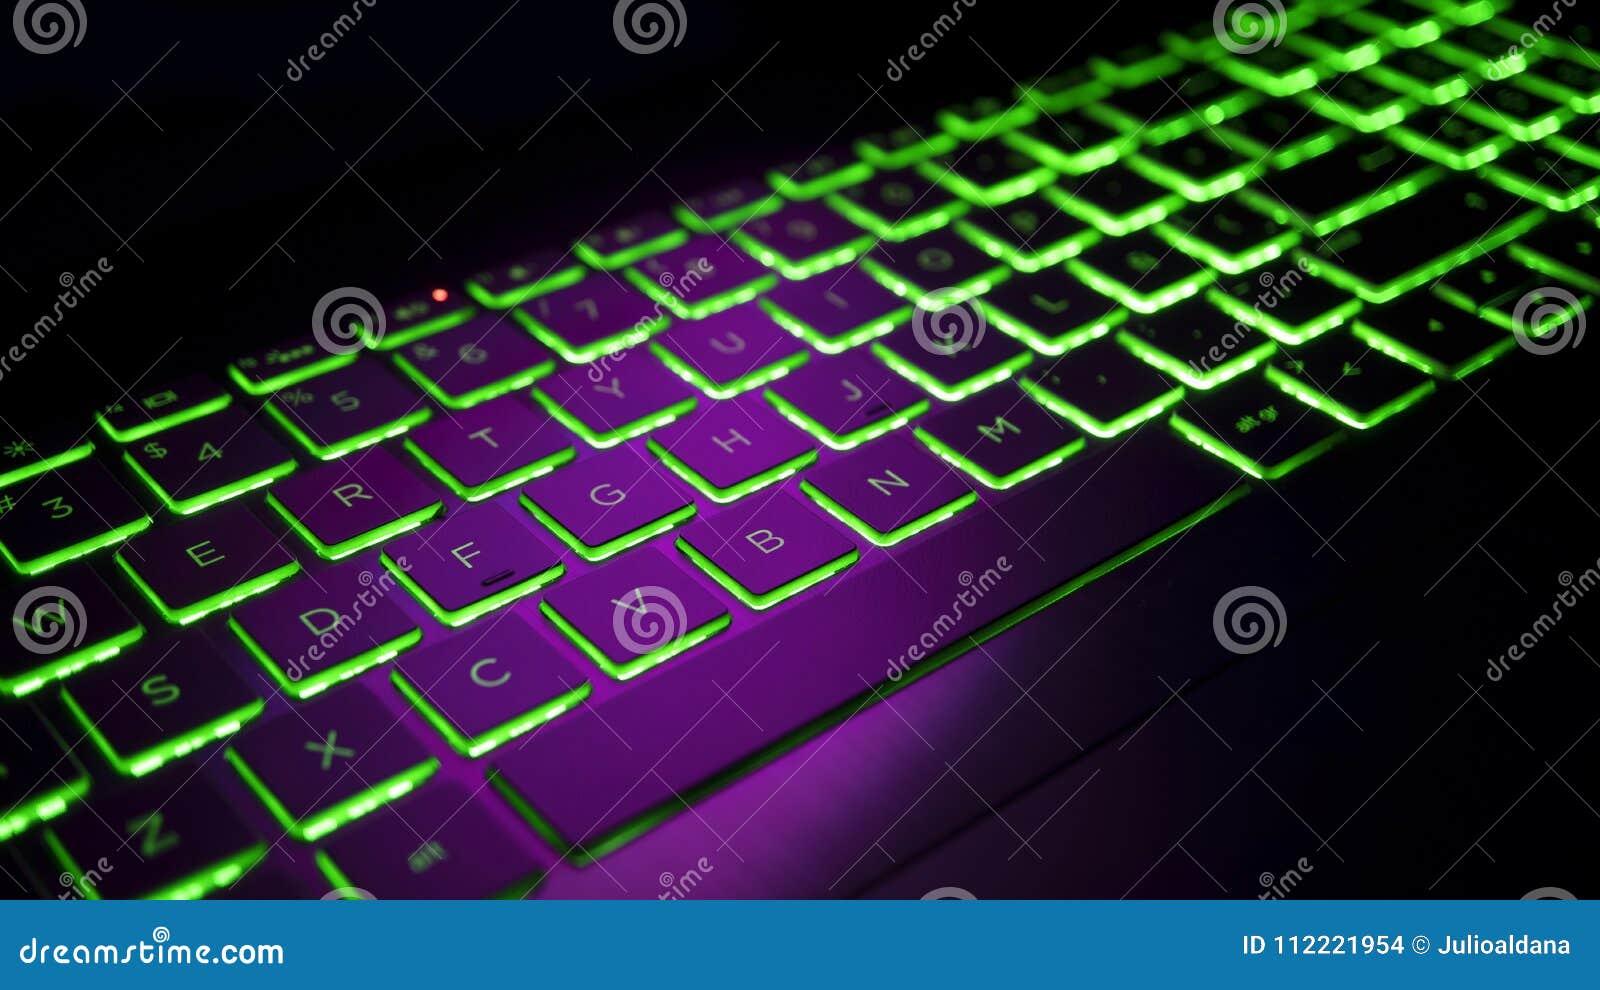 Συνδέστε το πληκτρολόγιο σε pro εργαλεία ομοφυλοφιλικές ιστοσελίδες γνωριμιών Οττάβα